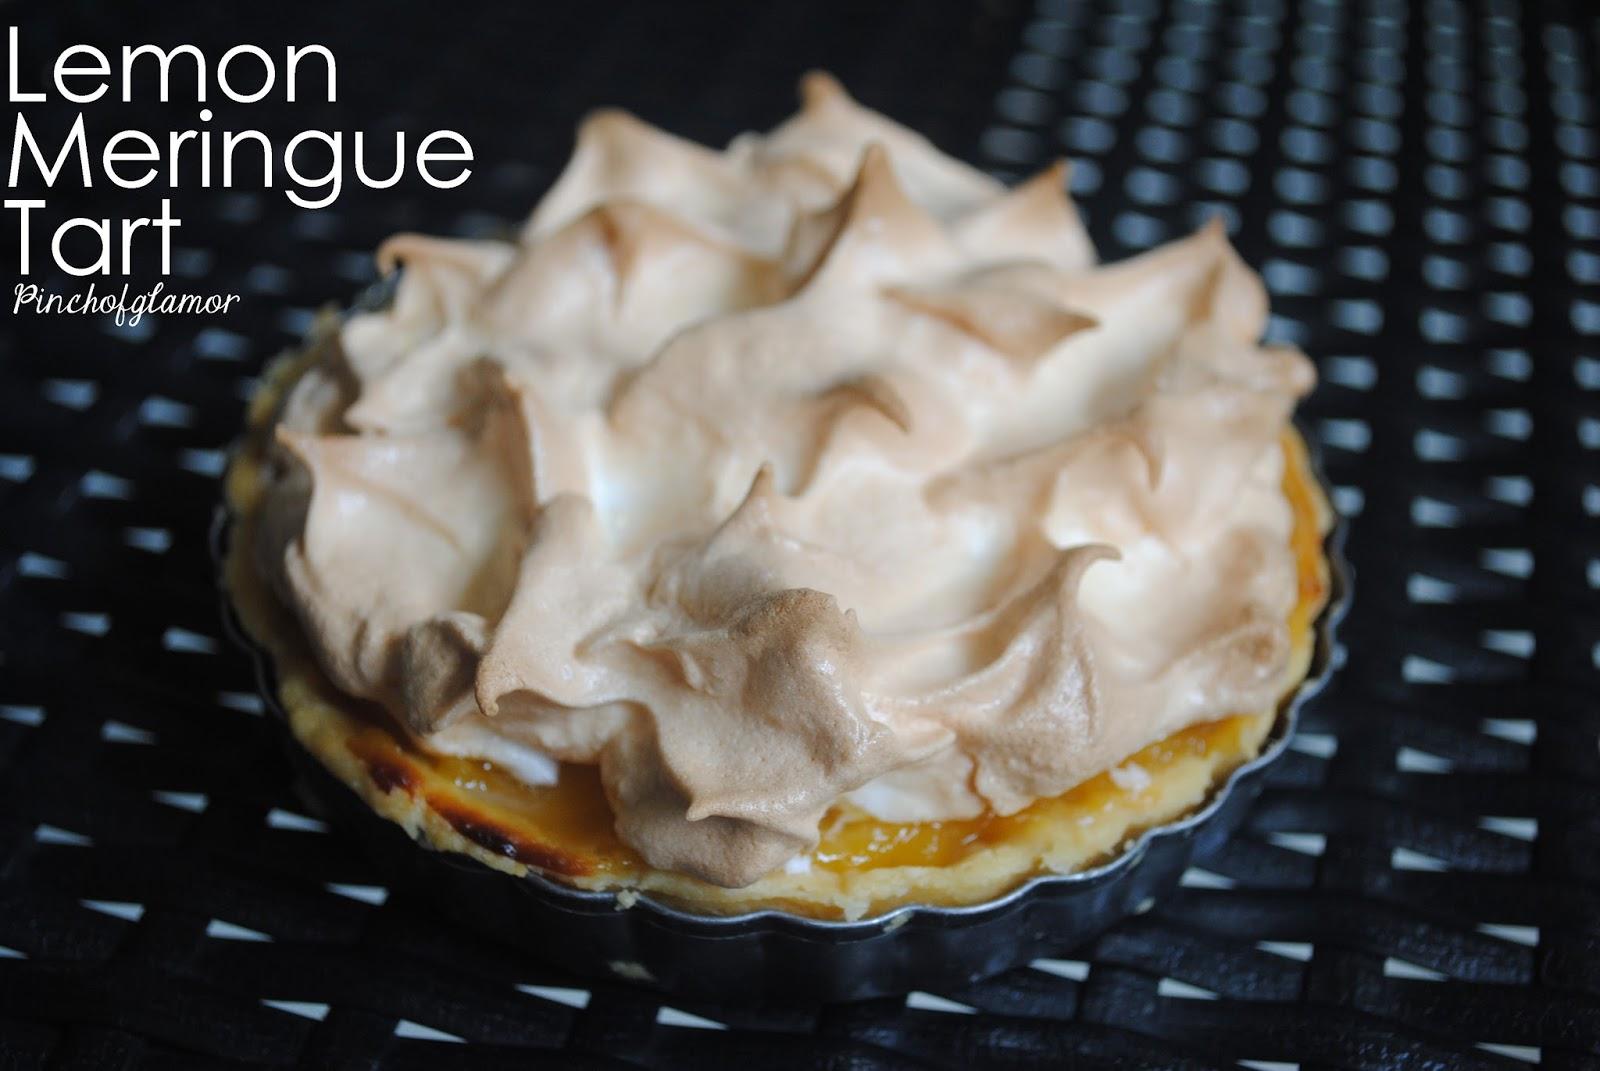 ... of tarts i love fruit tarts especially the mini tarts from delifrance